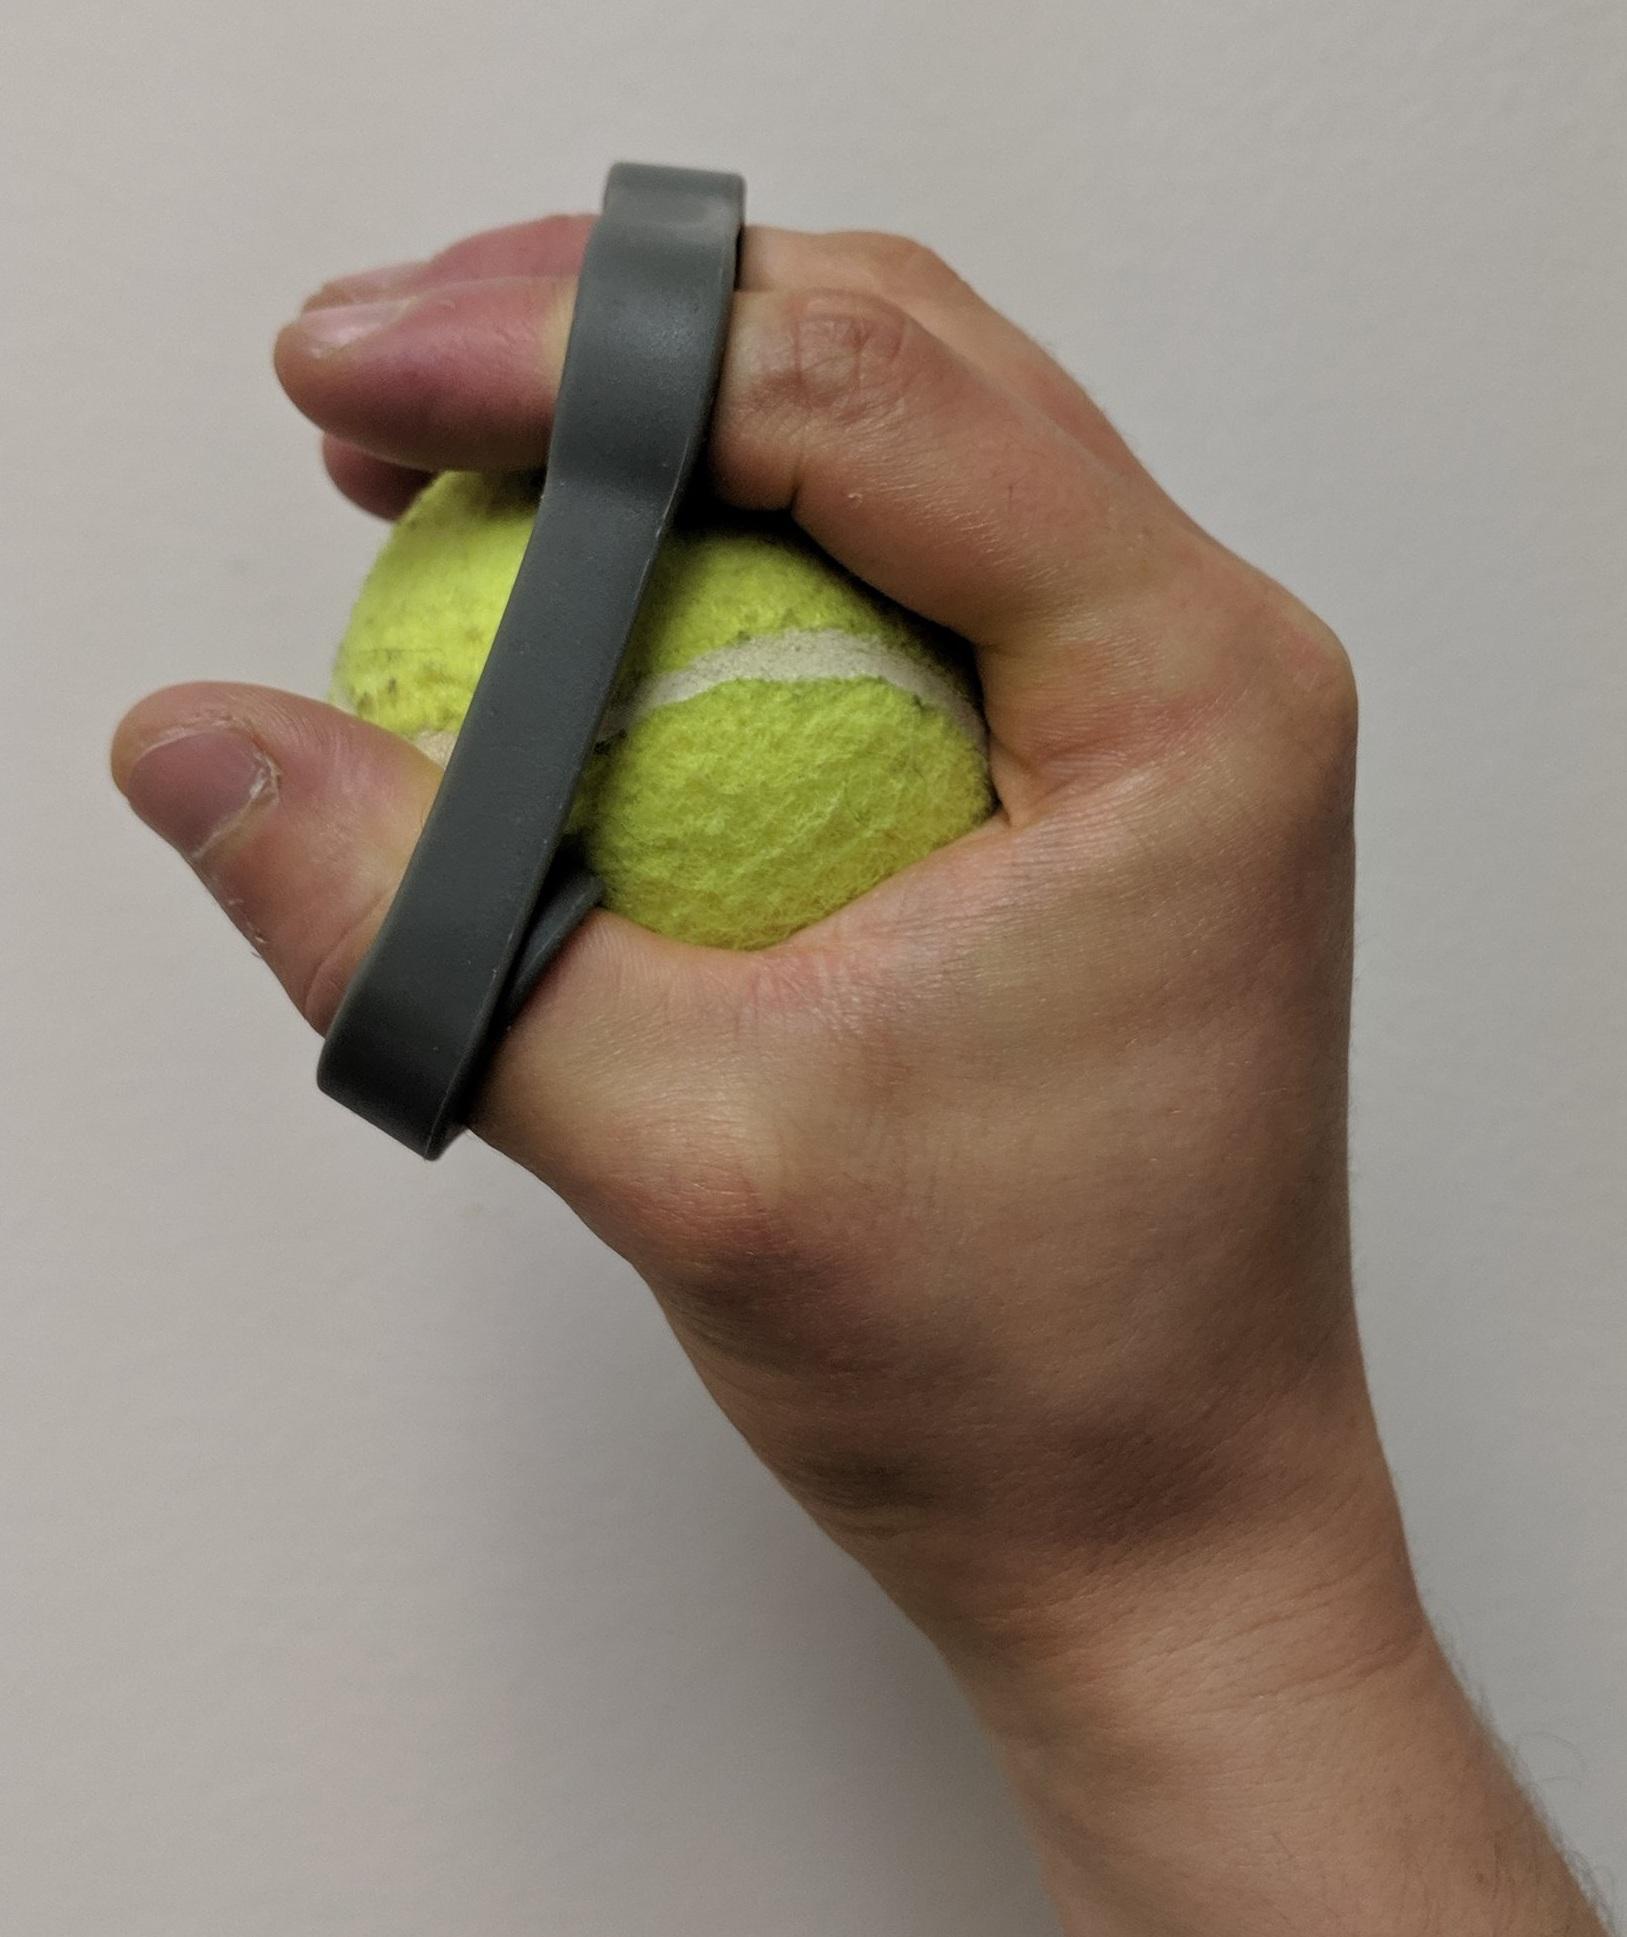 tennis+ball+headache+specialist+burke+chiropractor+chiropractic.jpg